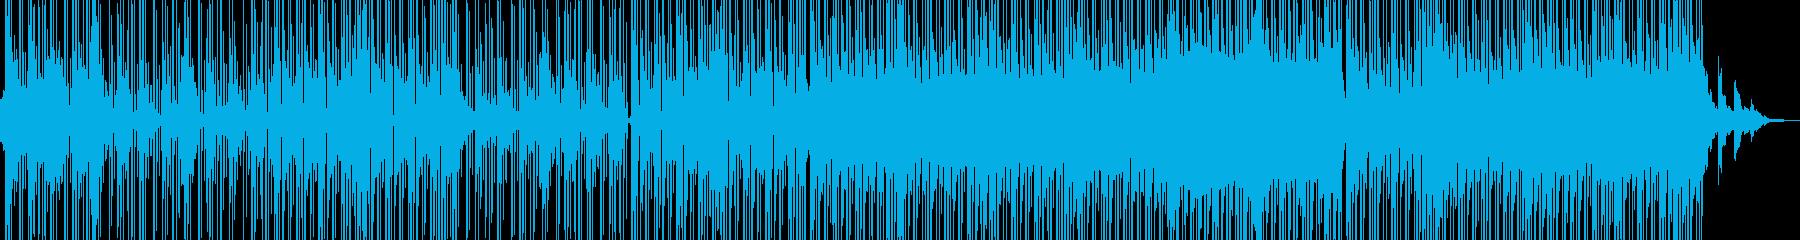 大人しくメロウな雰囲気に・R&B 短尺★の再生済みの波形